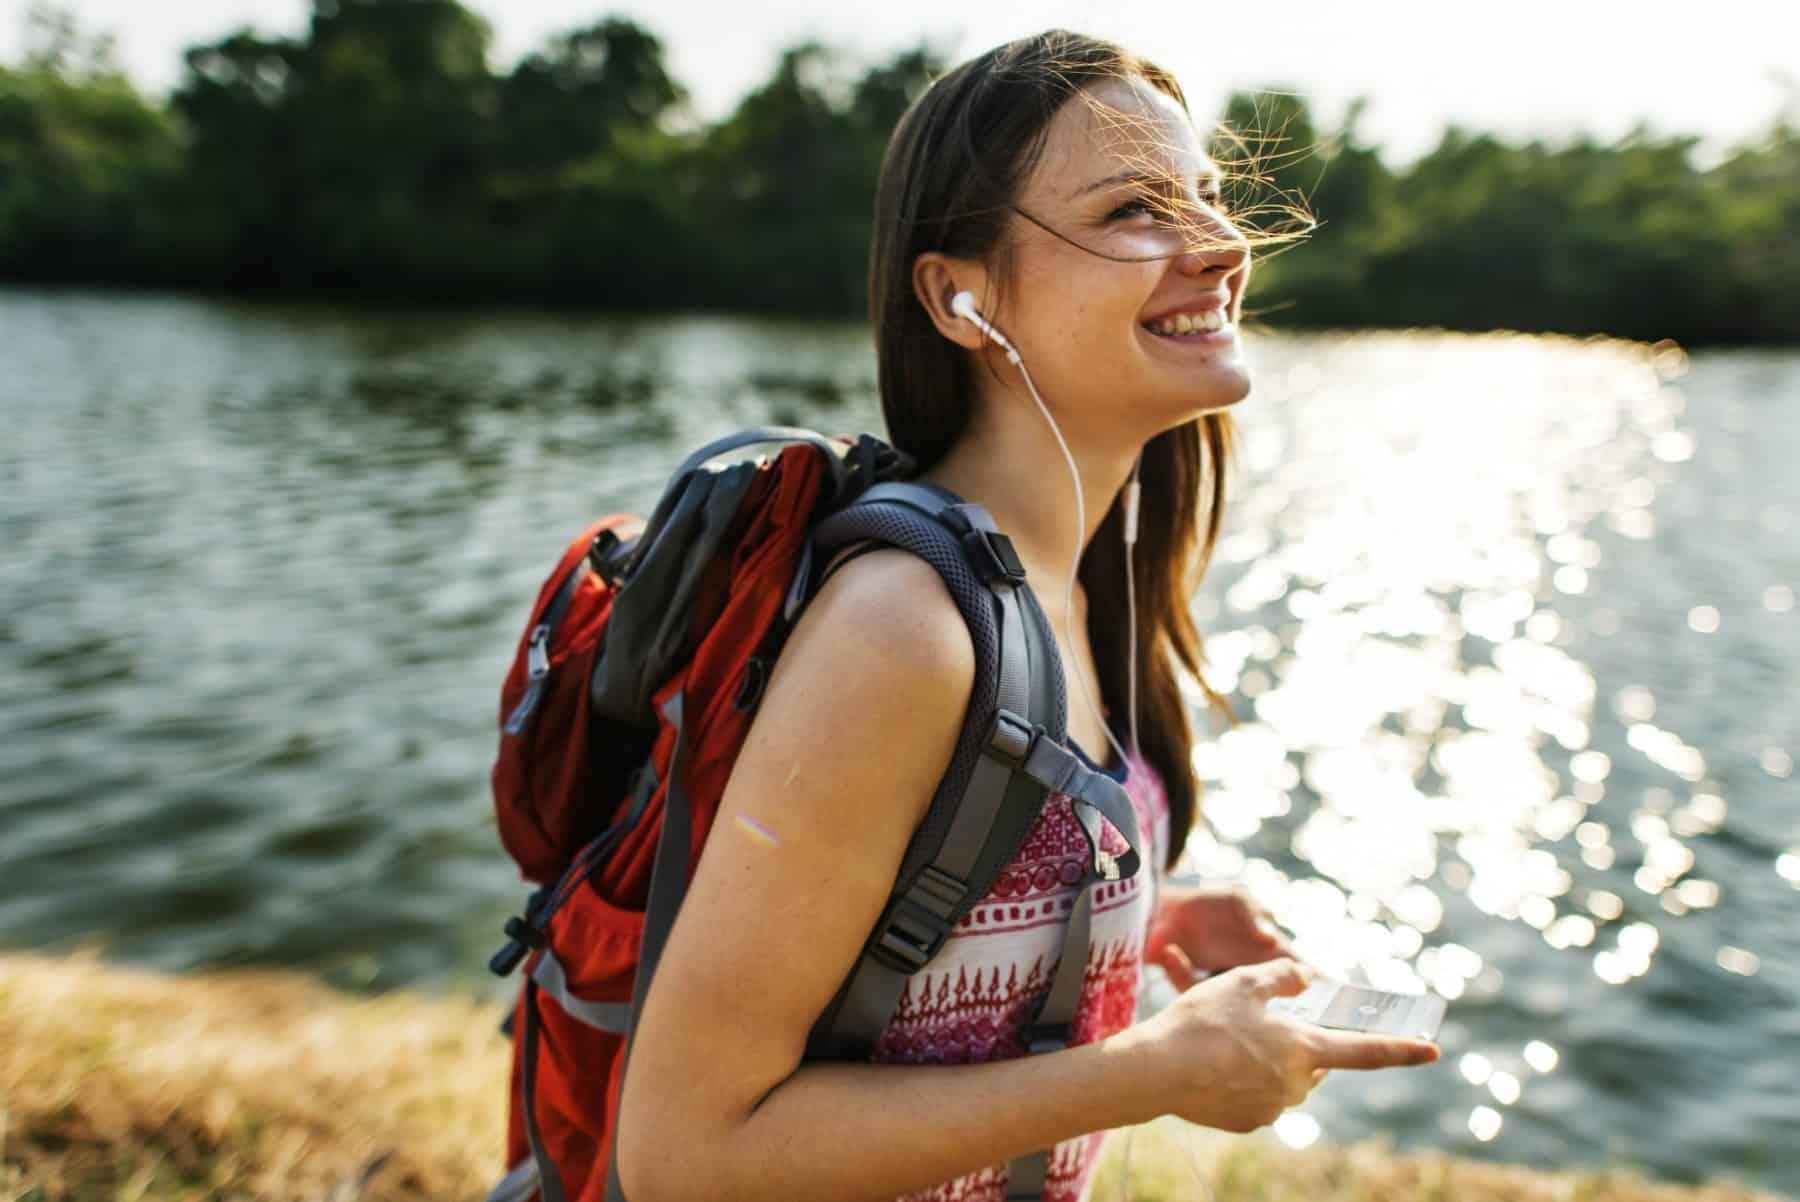 Conseils de votre chiro pour des vacances sans blessures